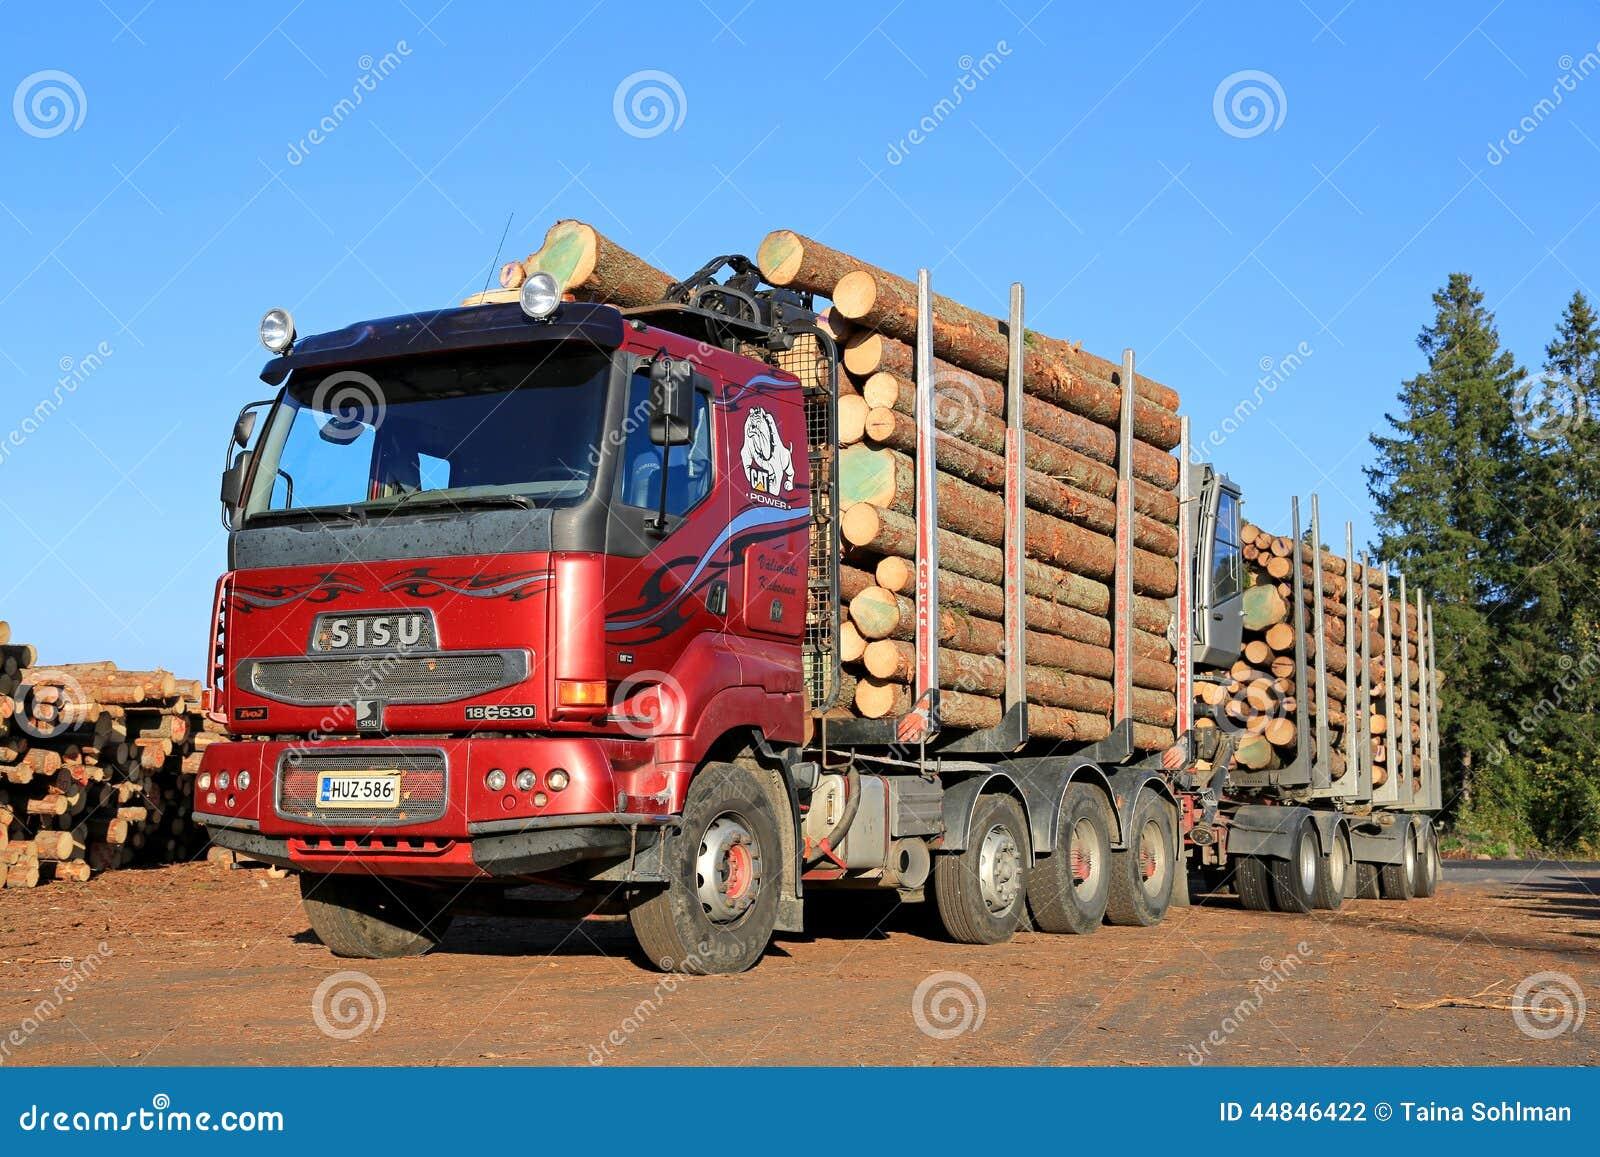 Lumber Yard Wood Prices